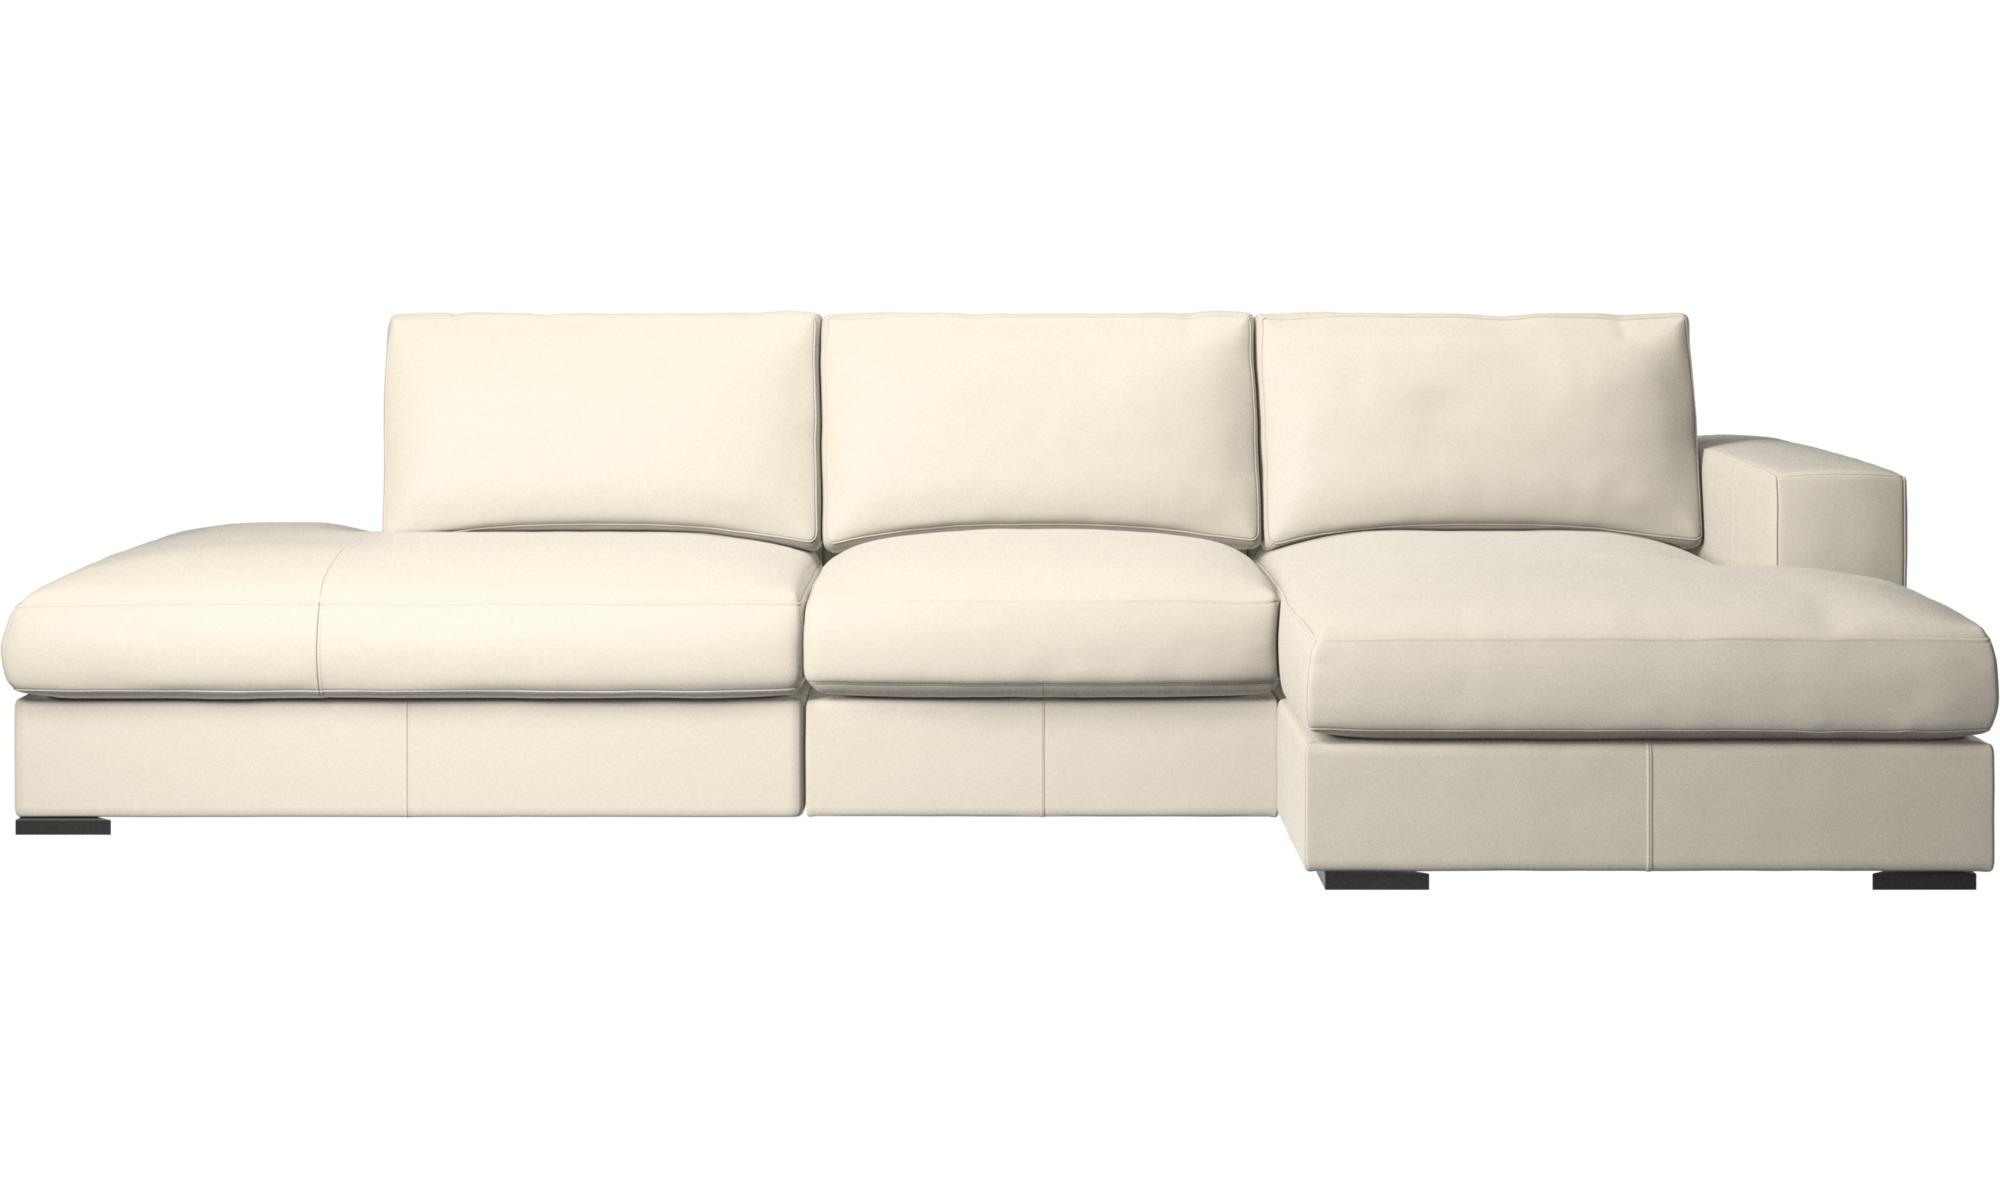 Canapés avec méridienne - Canapé Cenova avec méridienne et chaise longue - Blanc - Cuir